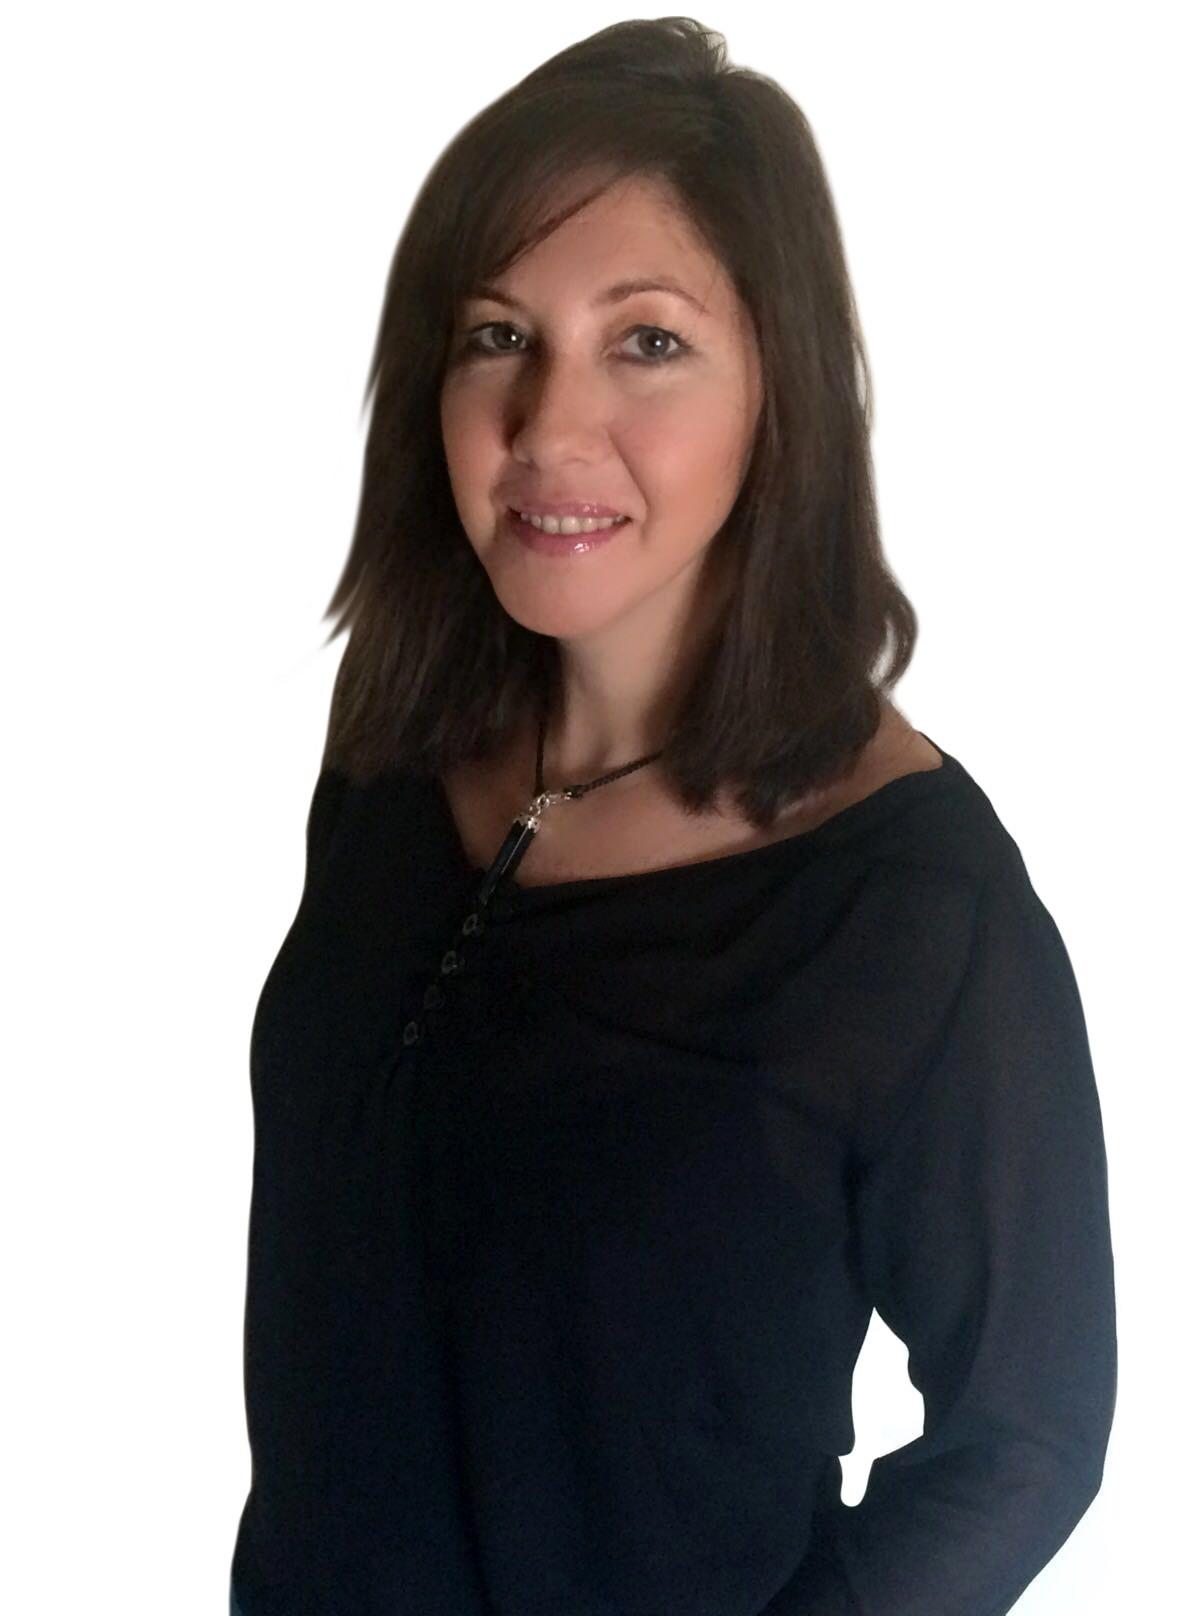 Maribel Gonzalez de Pablo